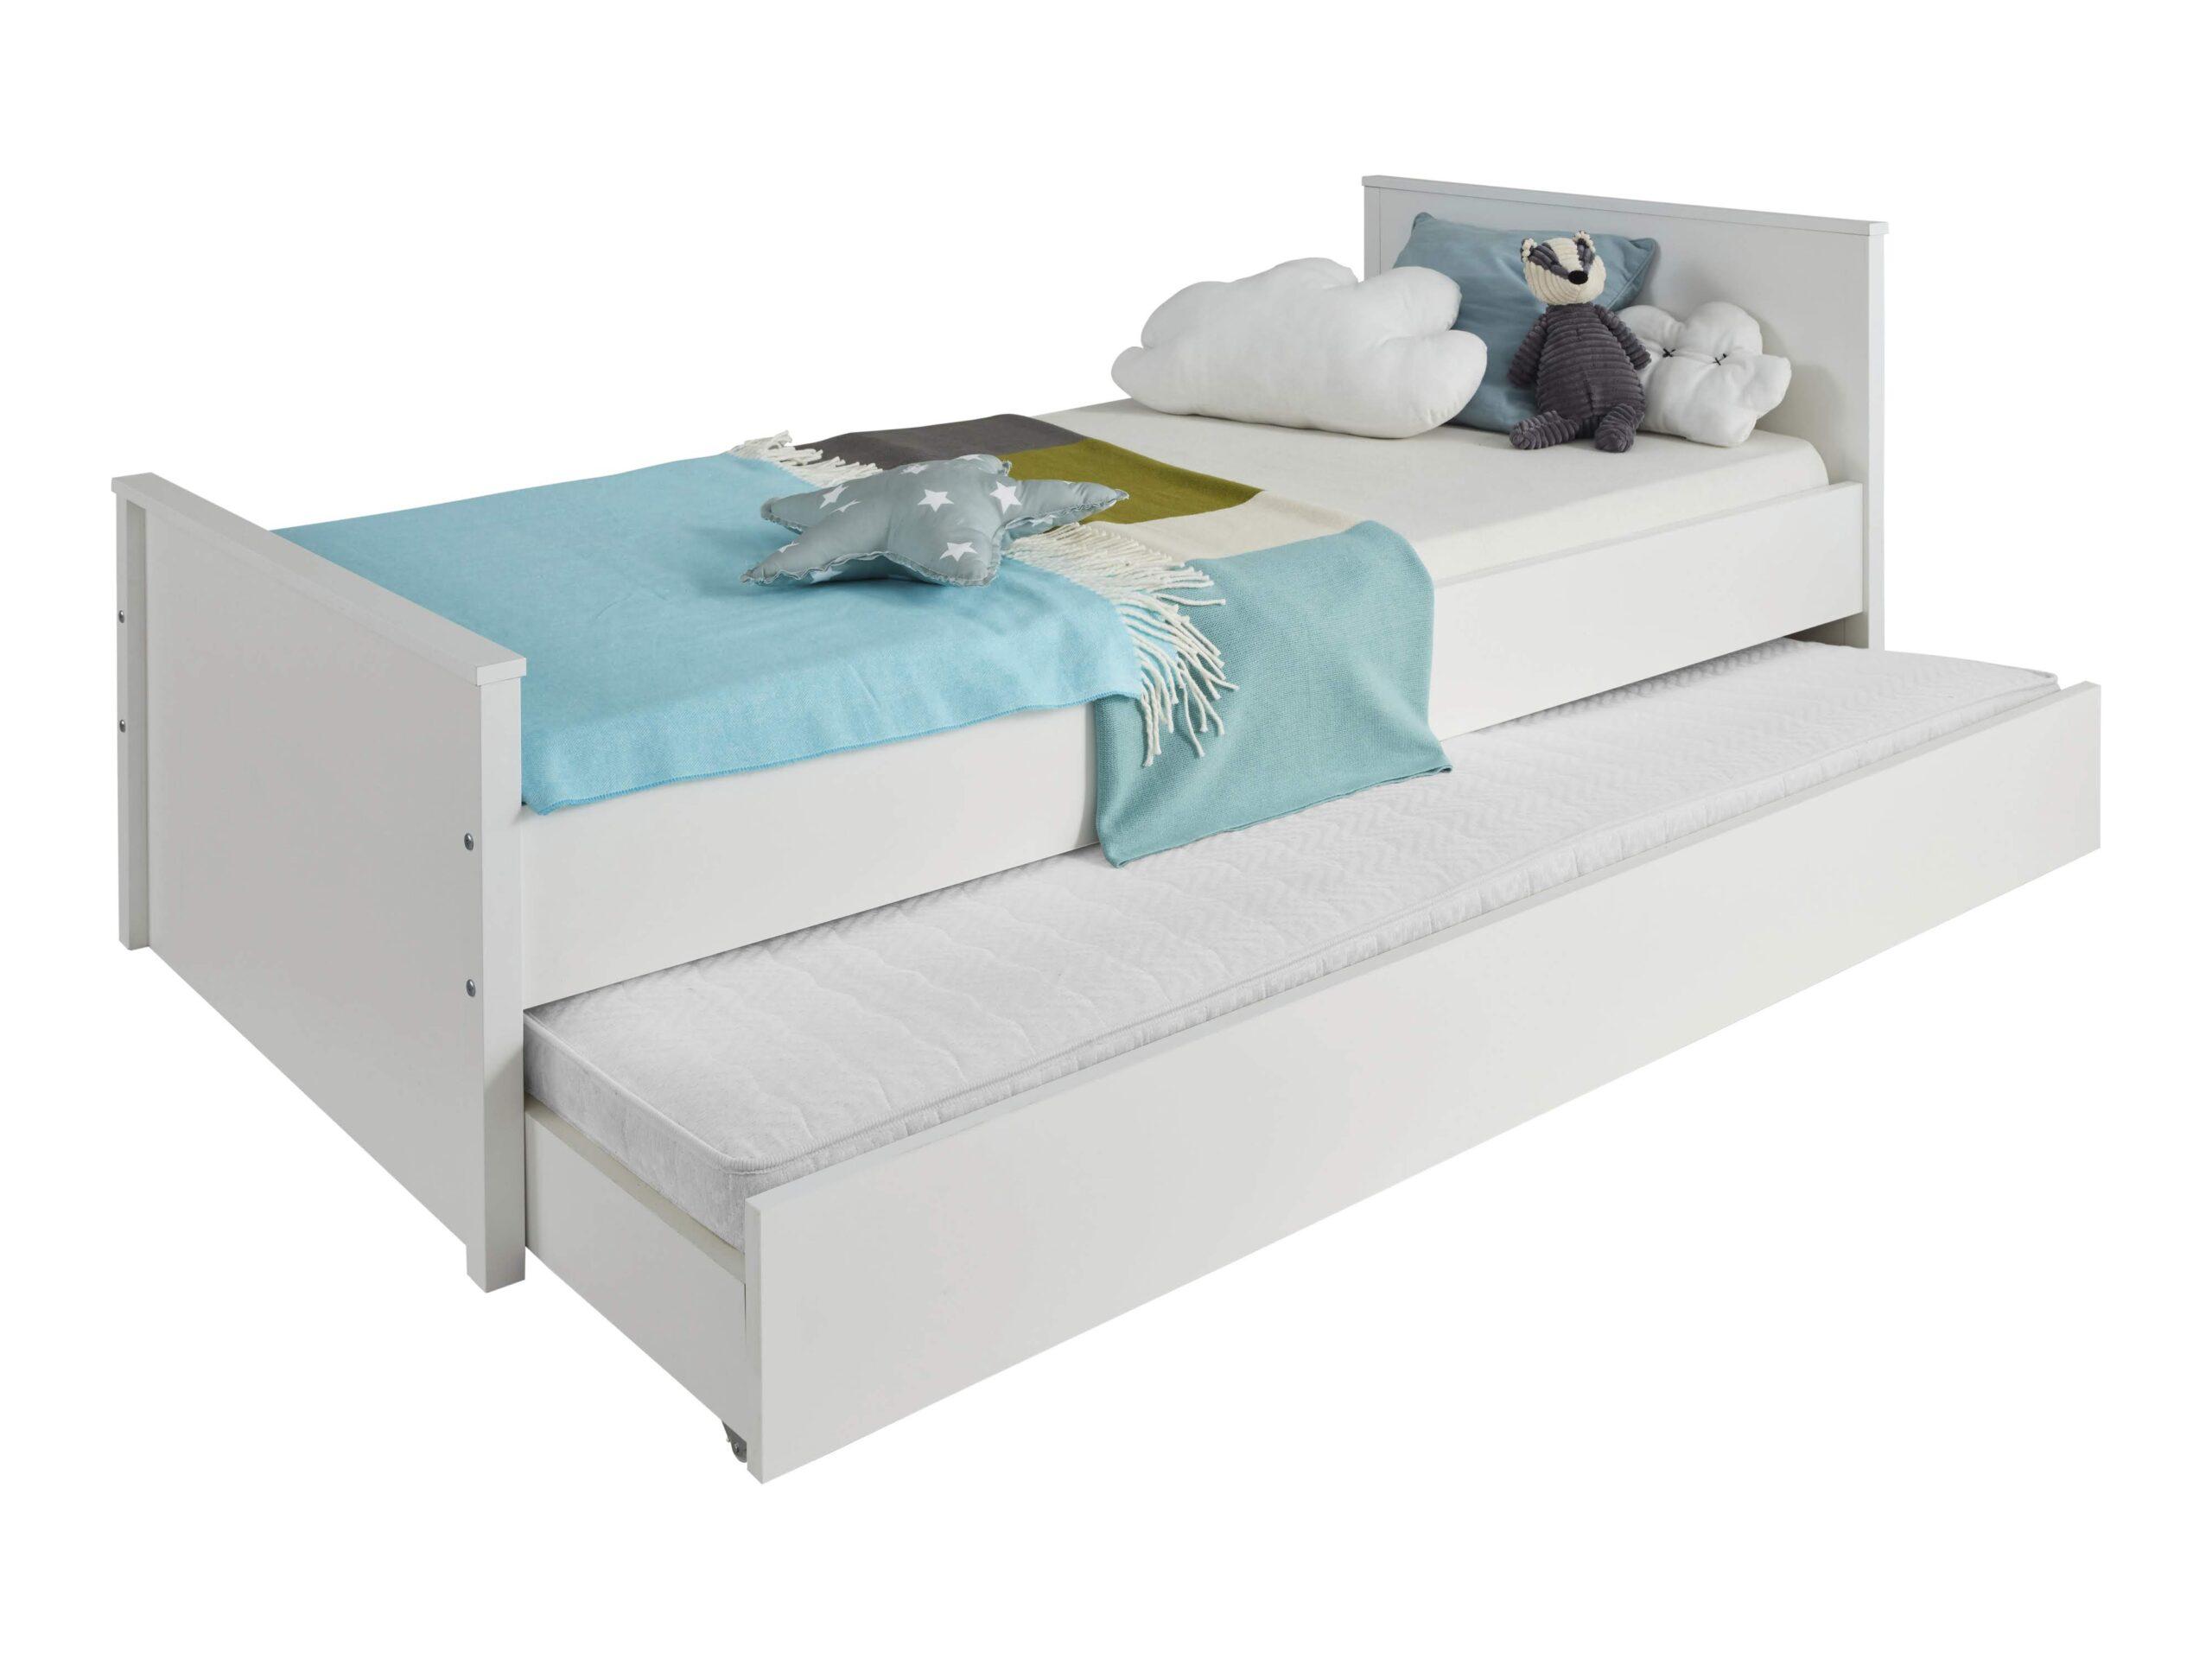 Full Size of Bett 90x200 Mit Lattenrost Und Matratze Schubladen Weiß Betten Bettkasten Weißes Kiefer Wohnzimmer Jugendbett 90x200